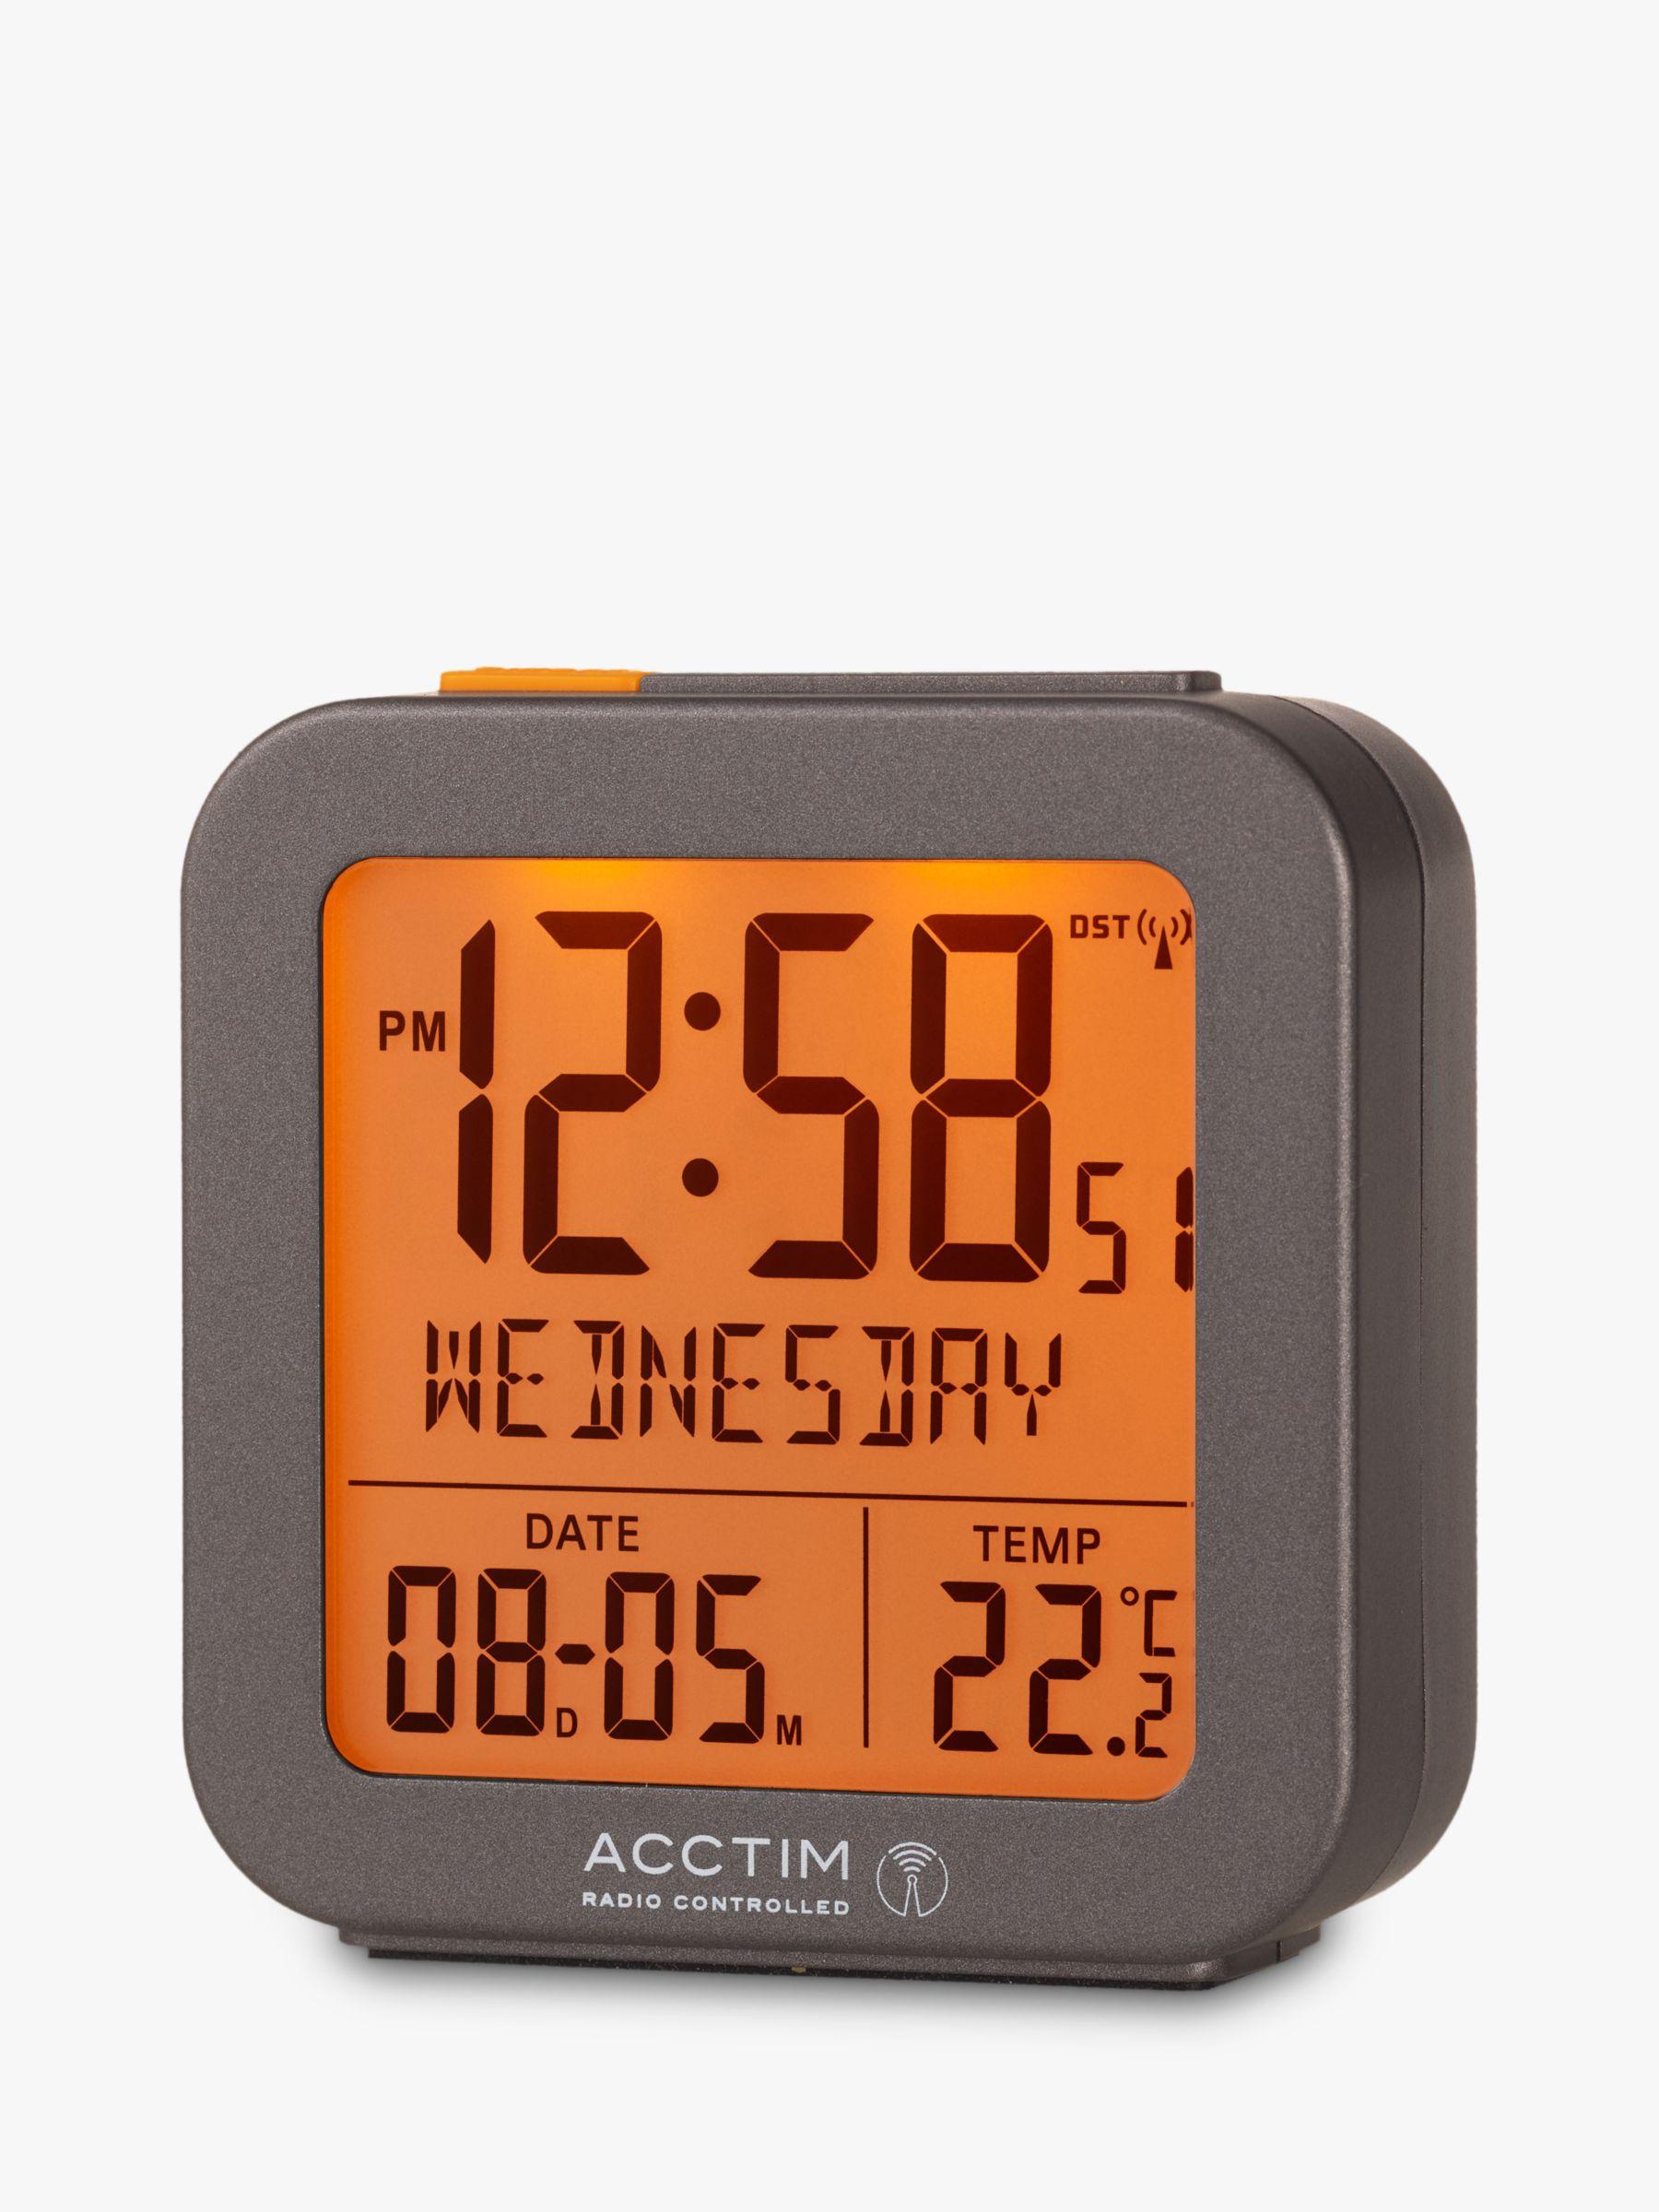 Acctim Acctim Invicta Radio Controlled Square Digital Alarm Clock, Dark Grey